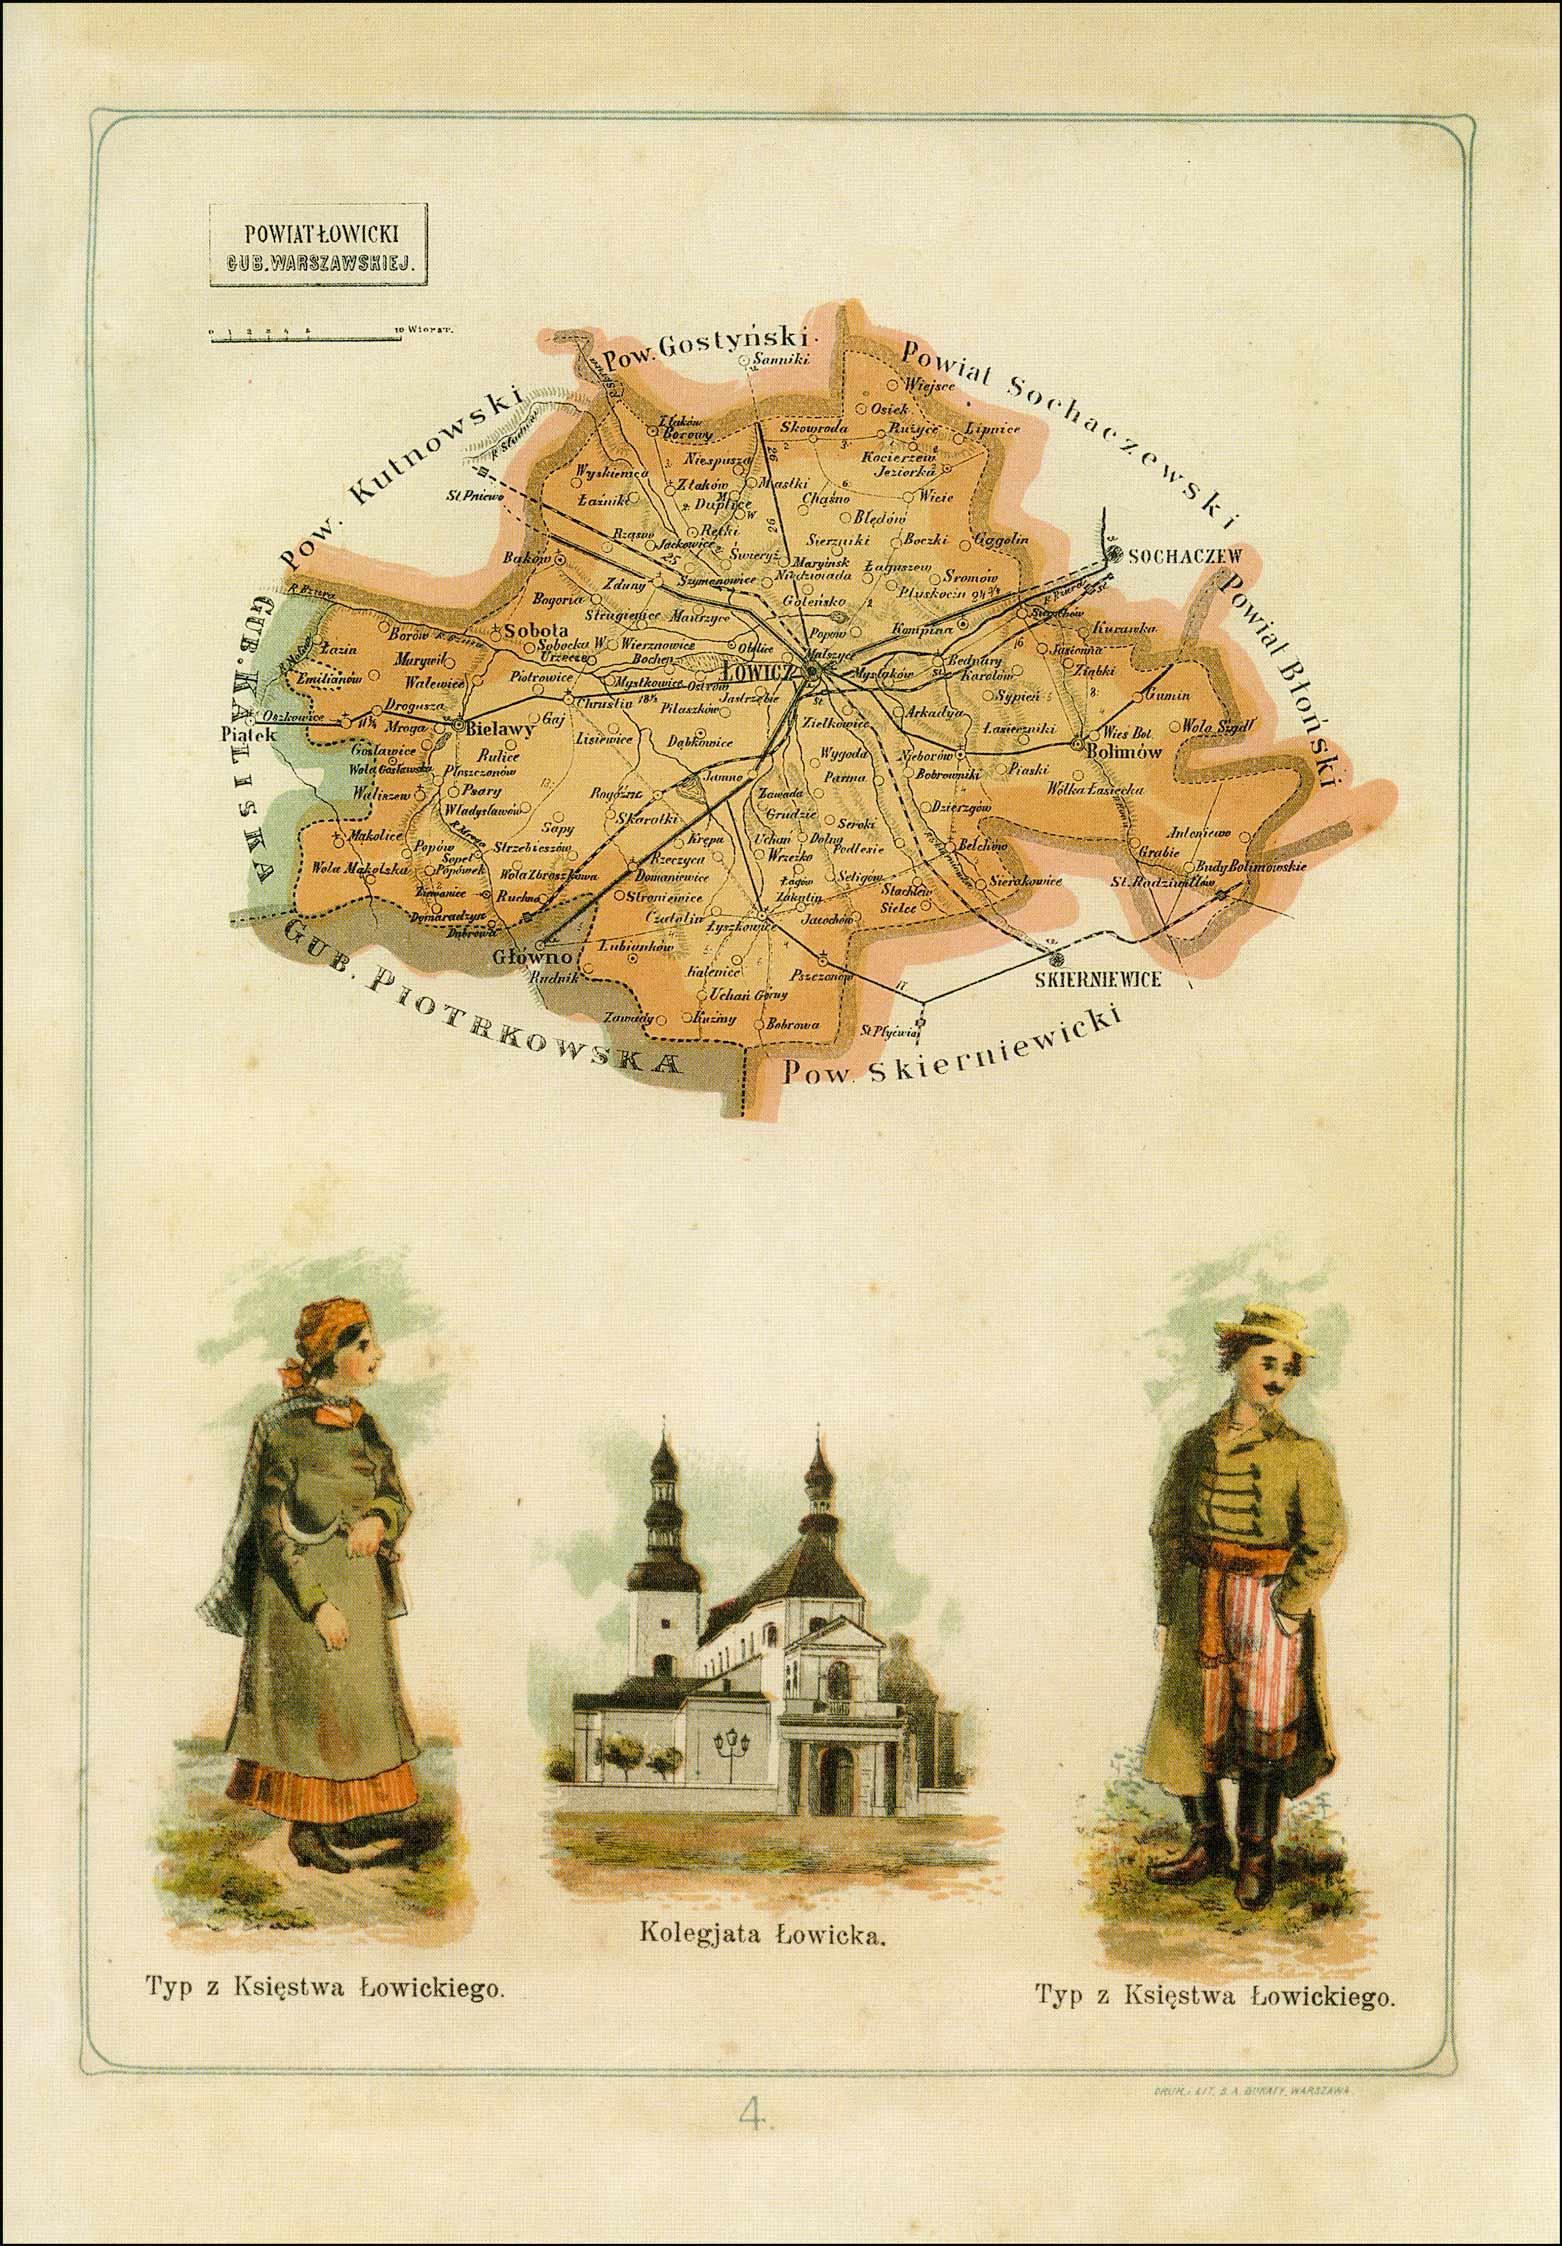 Map of Powiat Lowicki